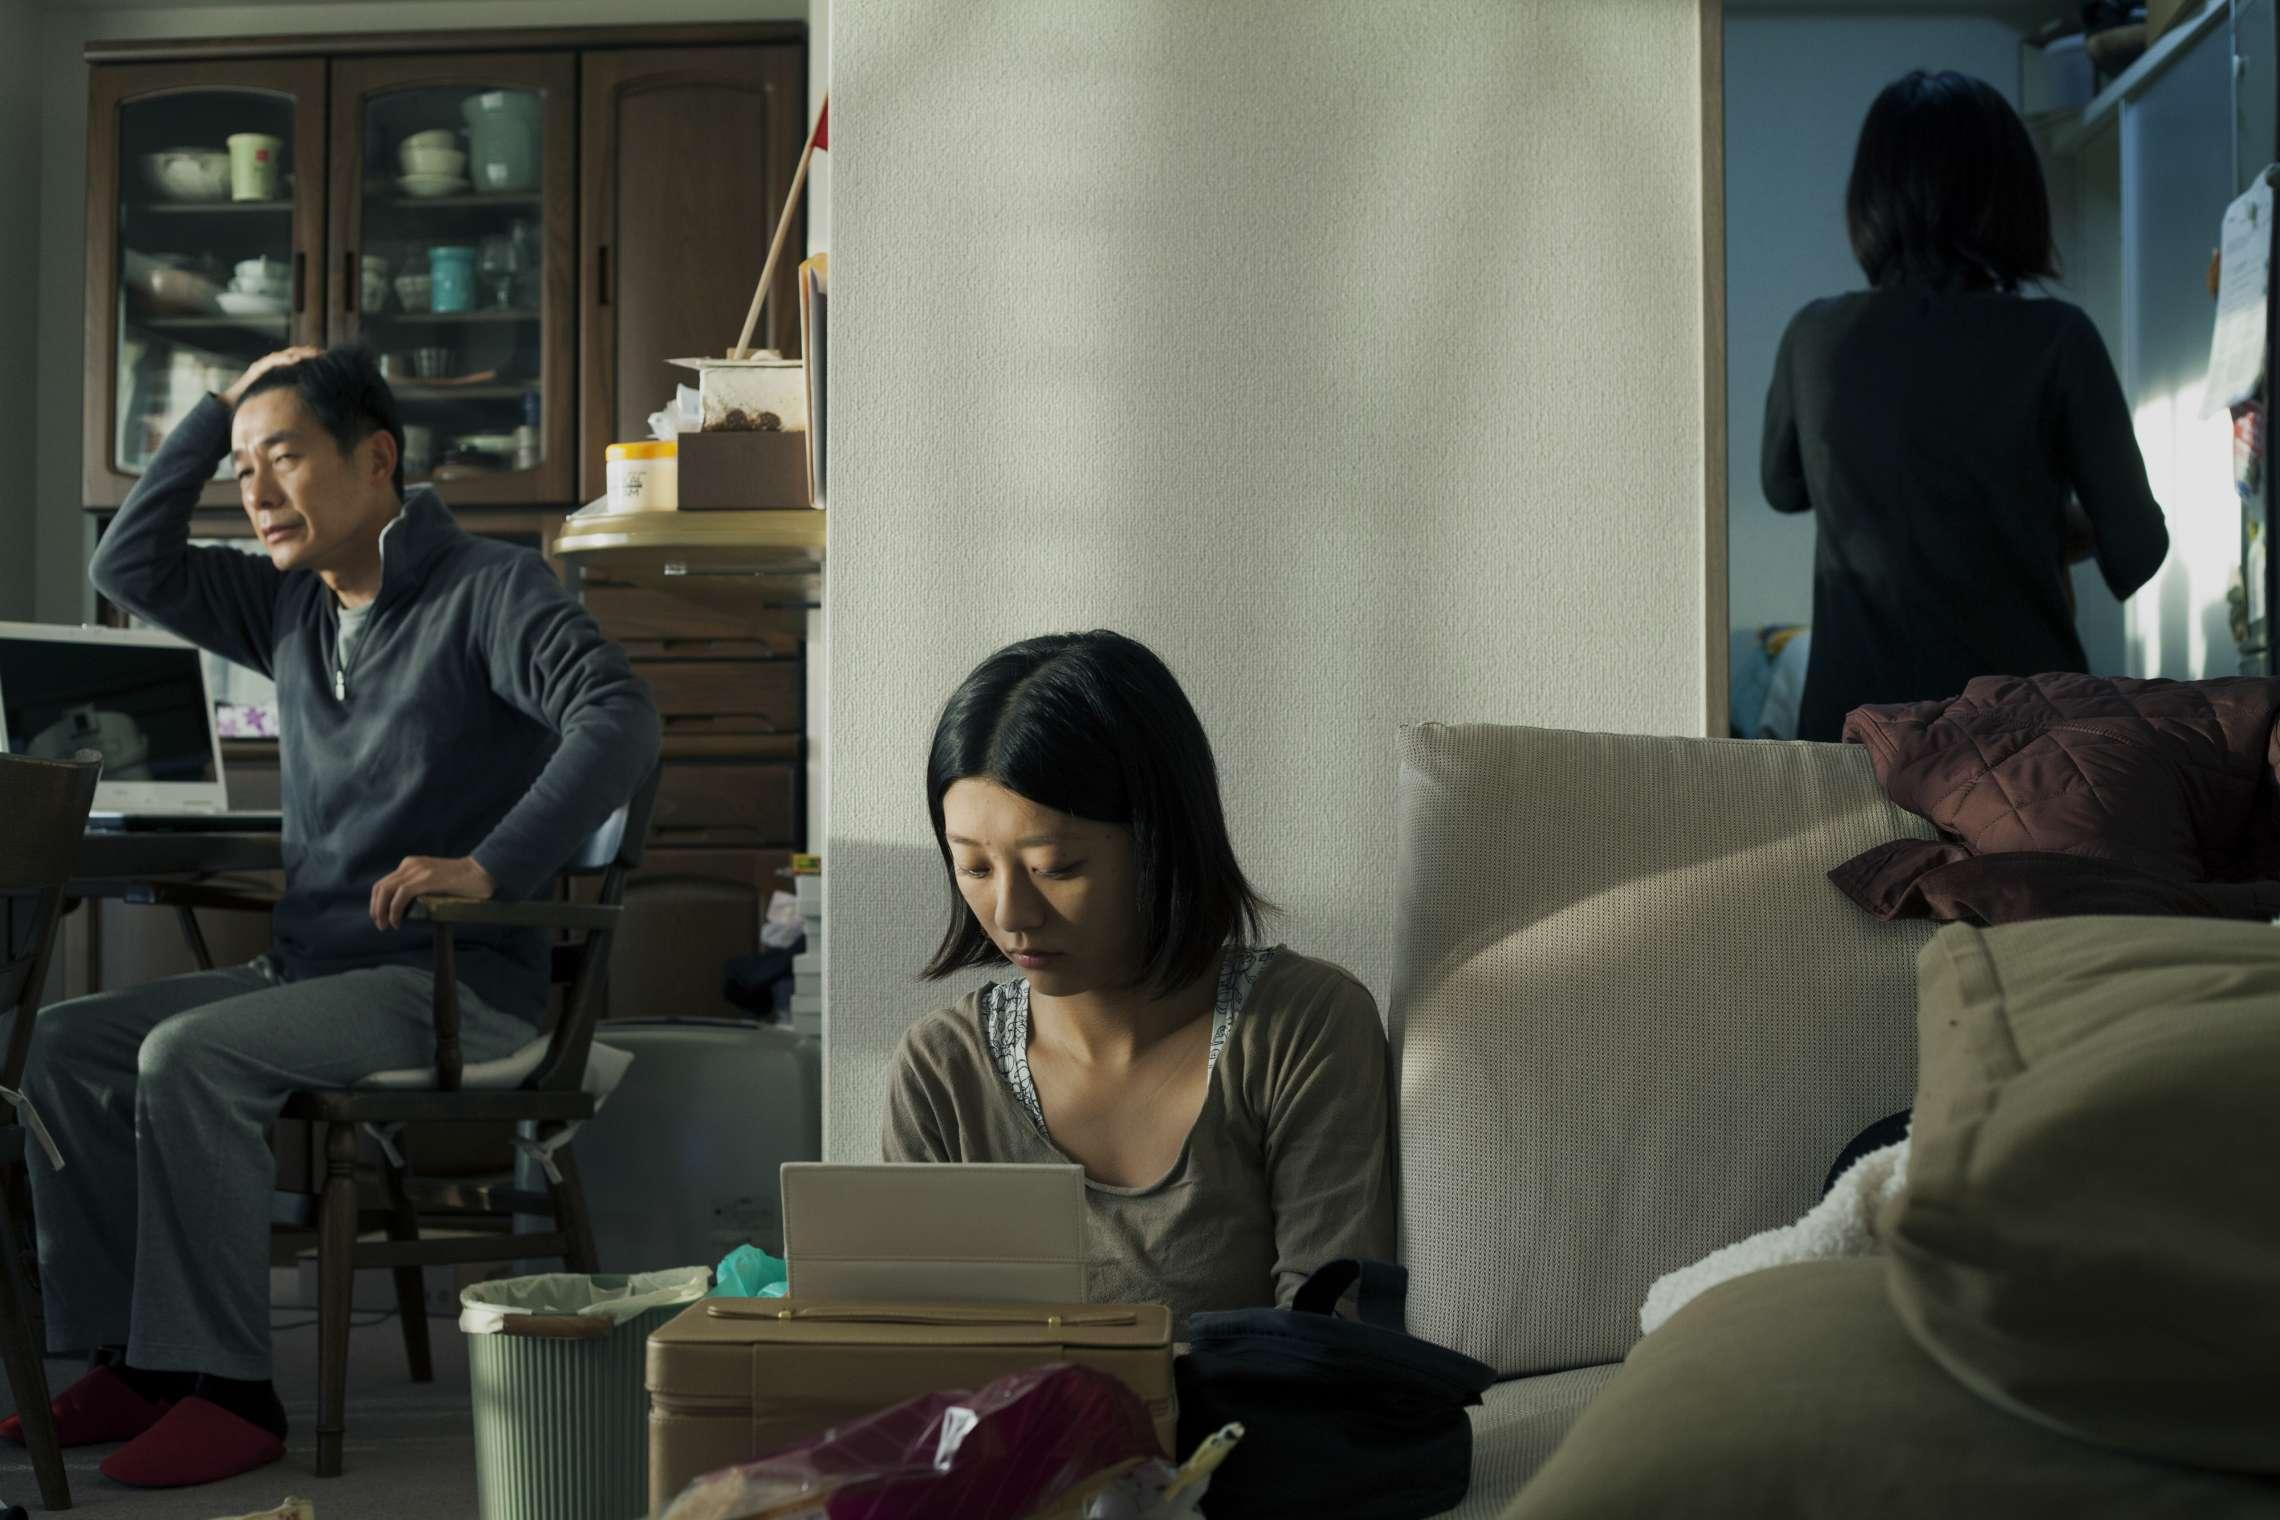 10836 Kategori: 11 05.12.2011 God kone, vis mor – Kvinner i Japan 08 Desember 2011. Mai (21) bor i drabantbyen utenfor Kobe med moren Chie (48) og søsteren Yuki (22). Det er vanlig å bo hjemme til man er gift. Faren, Masaaki som jobber som eiendomsmegler og bor og arbeider i Tokyo, kommer hjem på besøk én gang i måneden. Da tilbringer Mai og faren mye tid sammen. Mai studerer økonomi på Kwansai Gakuin Universitetet som ligger mellom Kobe og Osaka, og har allerede fått jobb for et internasjonalt farmasøytisk selskap. Hun ønsker å kombinere familie og et aktivt arbeidsliv, og stilte krav til gode fødselspermisjonsordninger da hun søkte jobb. I 2014 tok 58 % av alle kvinner og 65% av alle menn i Japan høyere utdanning. Selv om en stor andel av kvinnene tar lange utdannelser, har mange likevel ikke høyere ambisjoner enn å bli en såkalt Office Lady, eller sekretær. Disse stillingene har dårlige kontraktsvilkår, fordi det forventes at man slutter i jobben når man gifter seg. De siste tiårene har Japans økonomiske vekst ført til raske sosioøkonomiske forandringer. Høyere forventet levealder, lavere fødselsrate, høyere utdanningsnivå og omfattende urbanisering har hatt stor innvirkning på familielivet, og spesielt kvinners liv. Samtidig bygger skolesystemet, arbeidsmarkedet, mediene og lite effektive likestillingslover opp om et samfunn hvor kvinner har begrensede valgmuligheter. Dette resulterer ofte i at japanske kvinner må velge mellom familie- og yrkesliv. Frilans Fritt Ord, Anton Christian Houen og Conrad Mohrs legat for kunstneres formål og Scandinavia-Japan Sasakawa Foundation har støttet prosjektet.